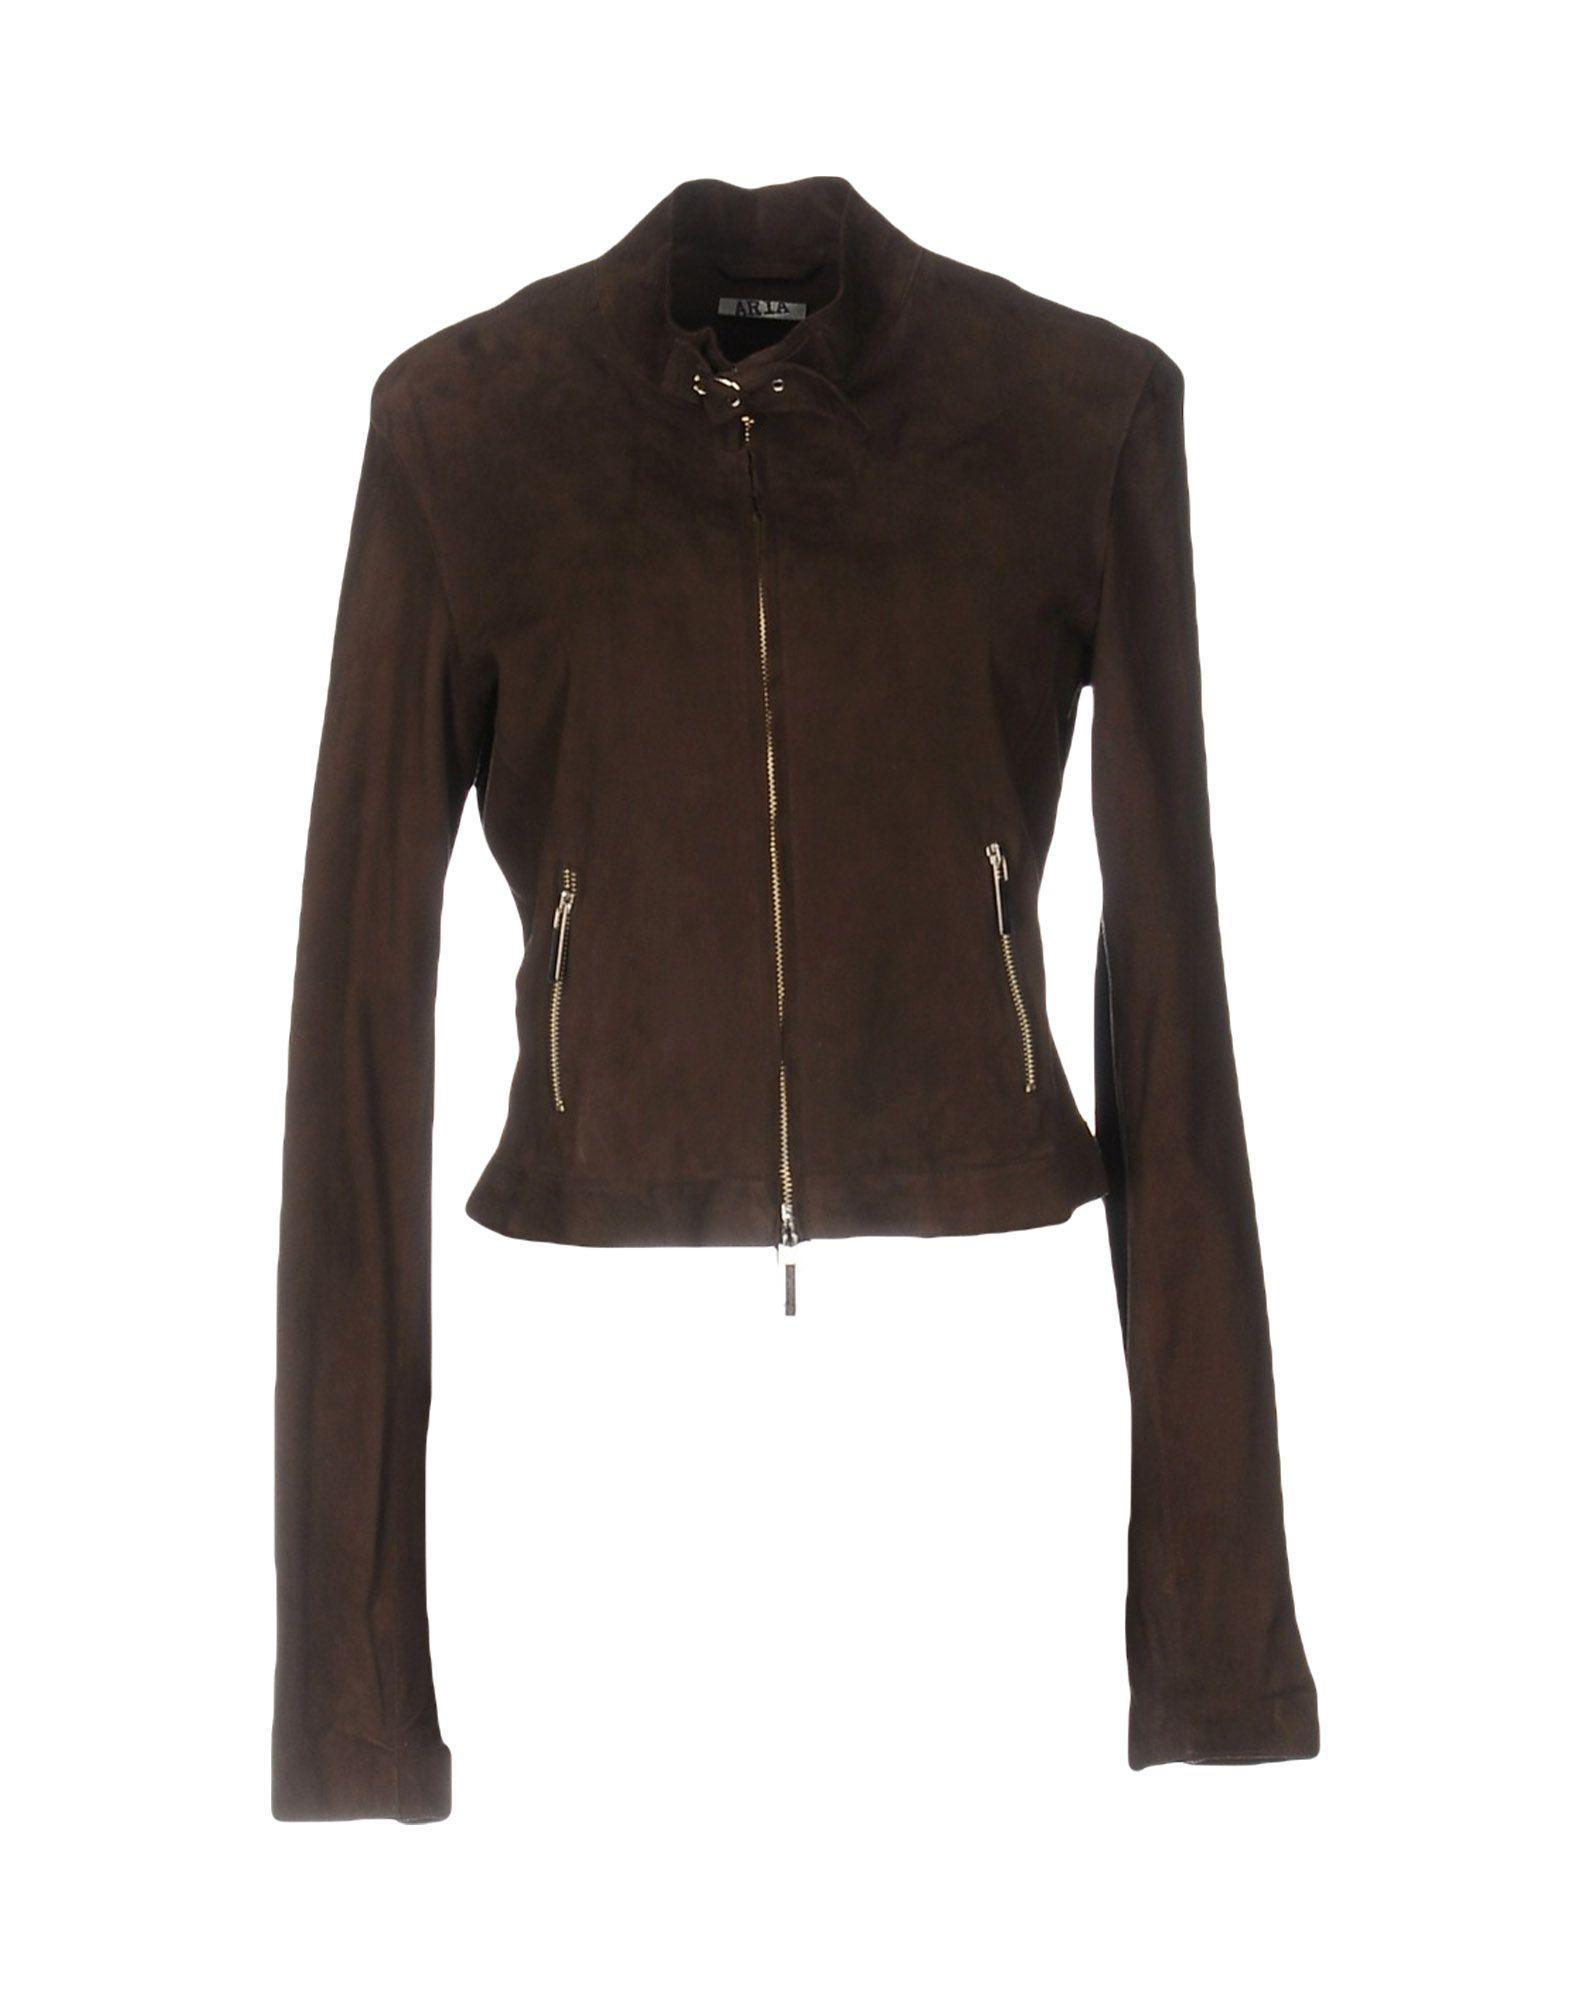 caractère aria куртка ARIA Куртка